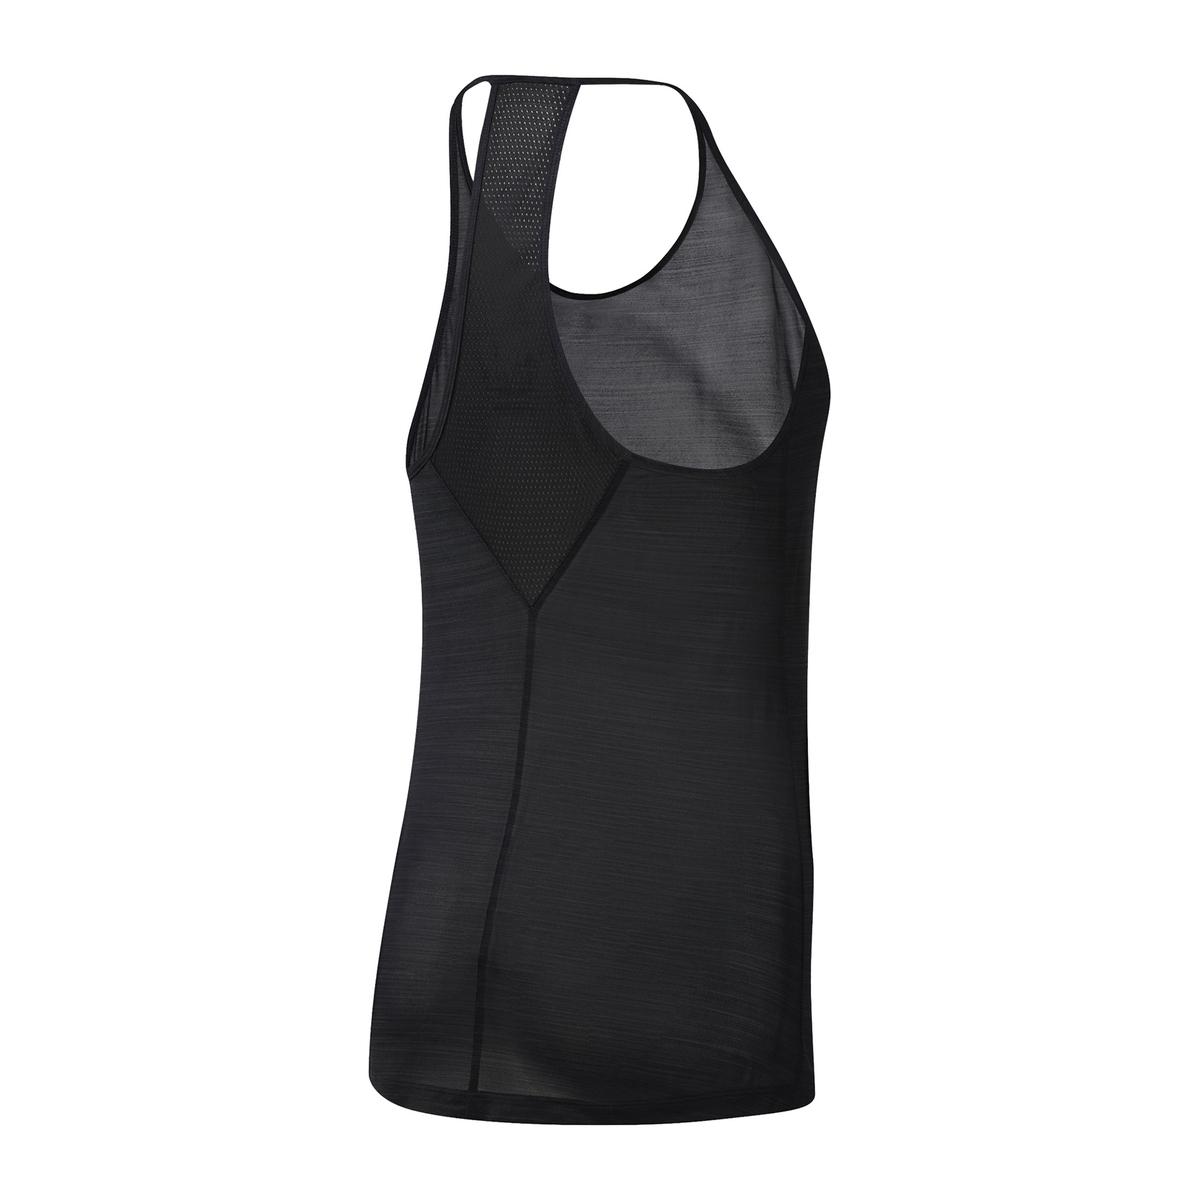 Imagen secundaria de producto de Camiseta de tirantes finos, Wor Ac Tank - Reebok